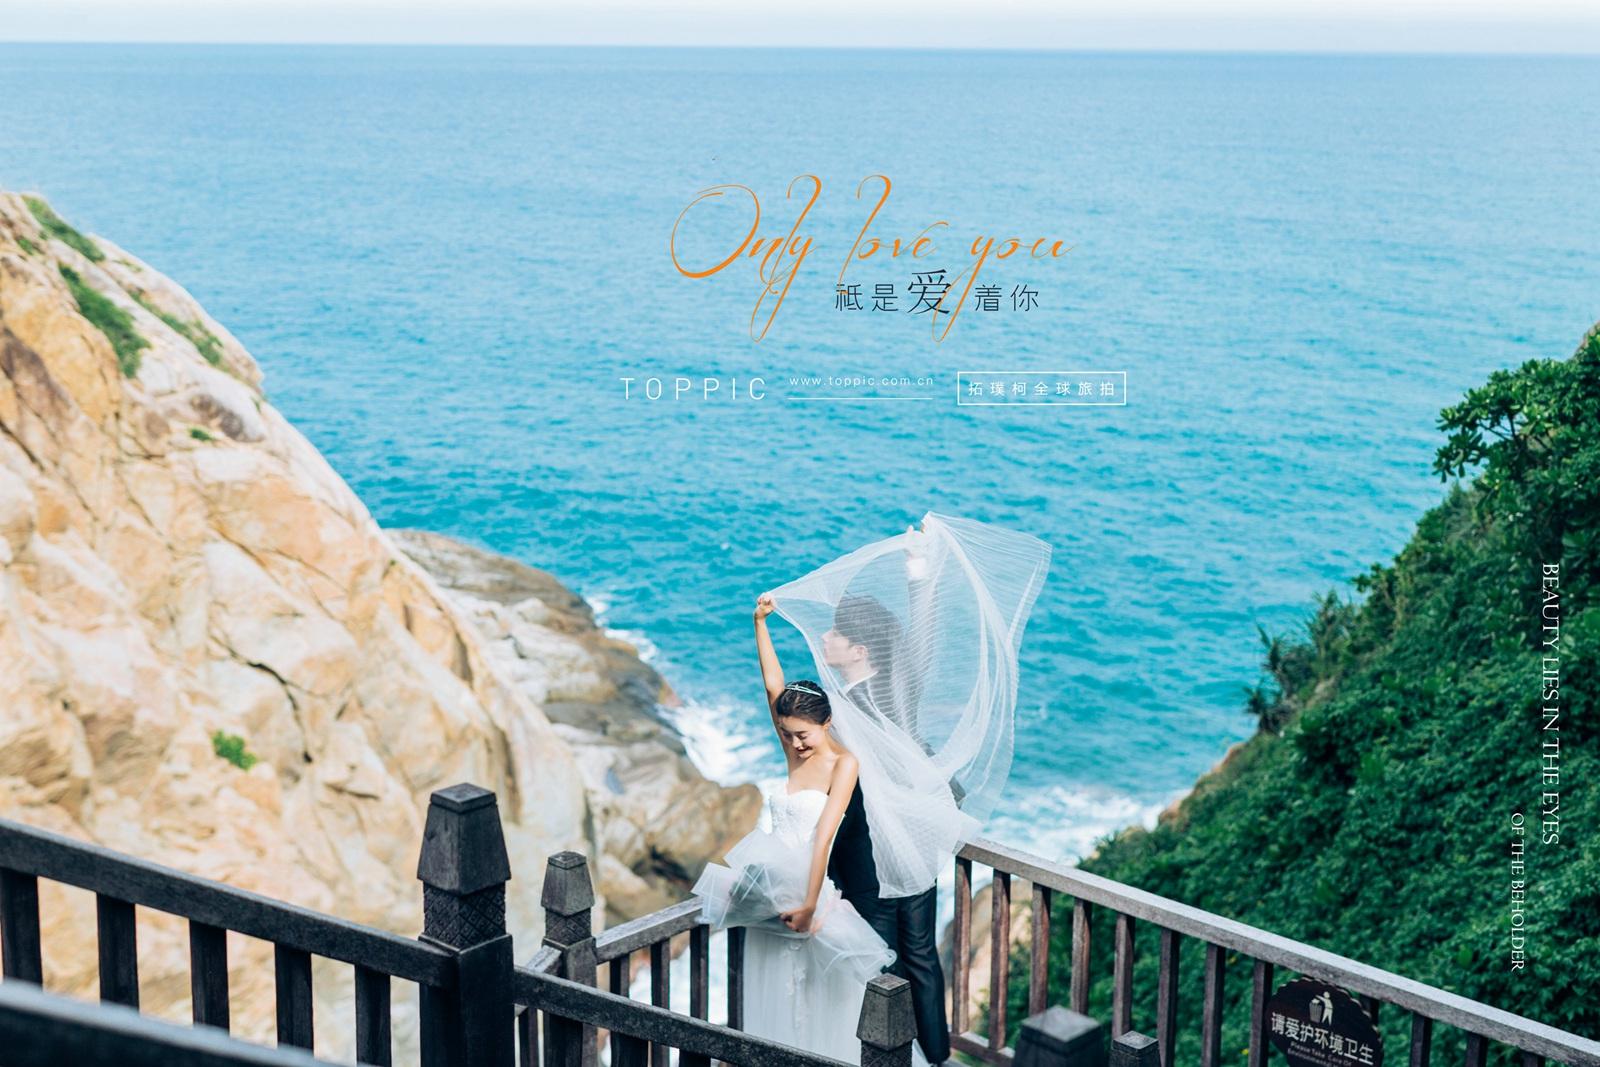 漳州拍婚纱照的景点有哪些 漳州什么地方适合拍婚纱照